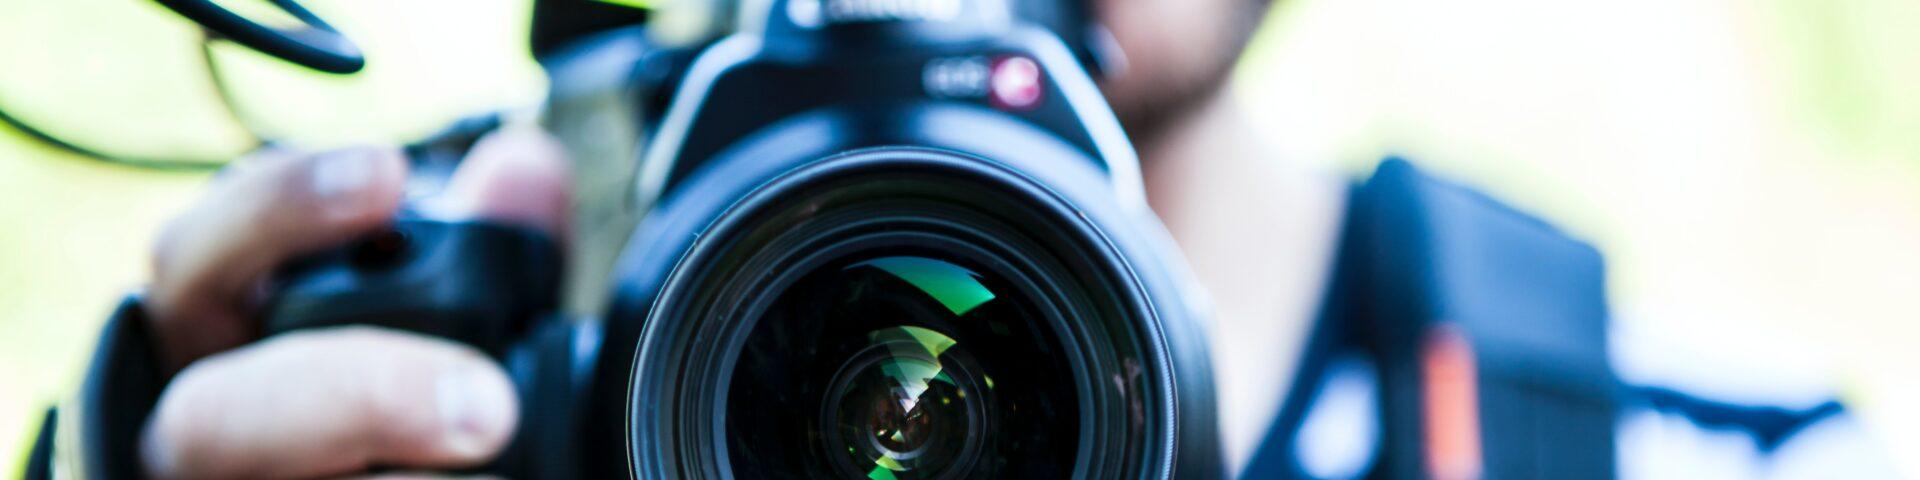 Foto van een camera als illustratie op pagina perscontact